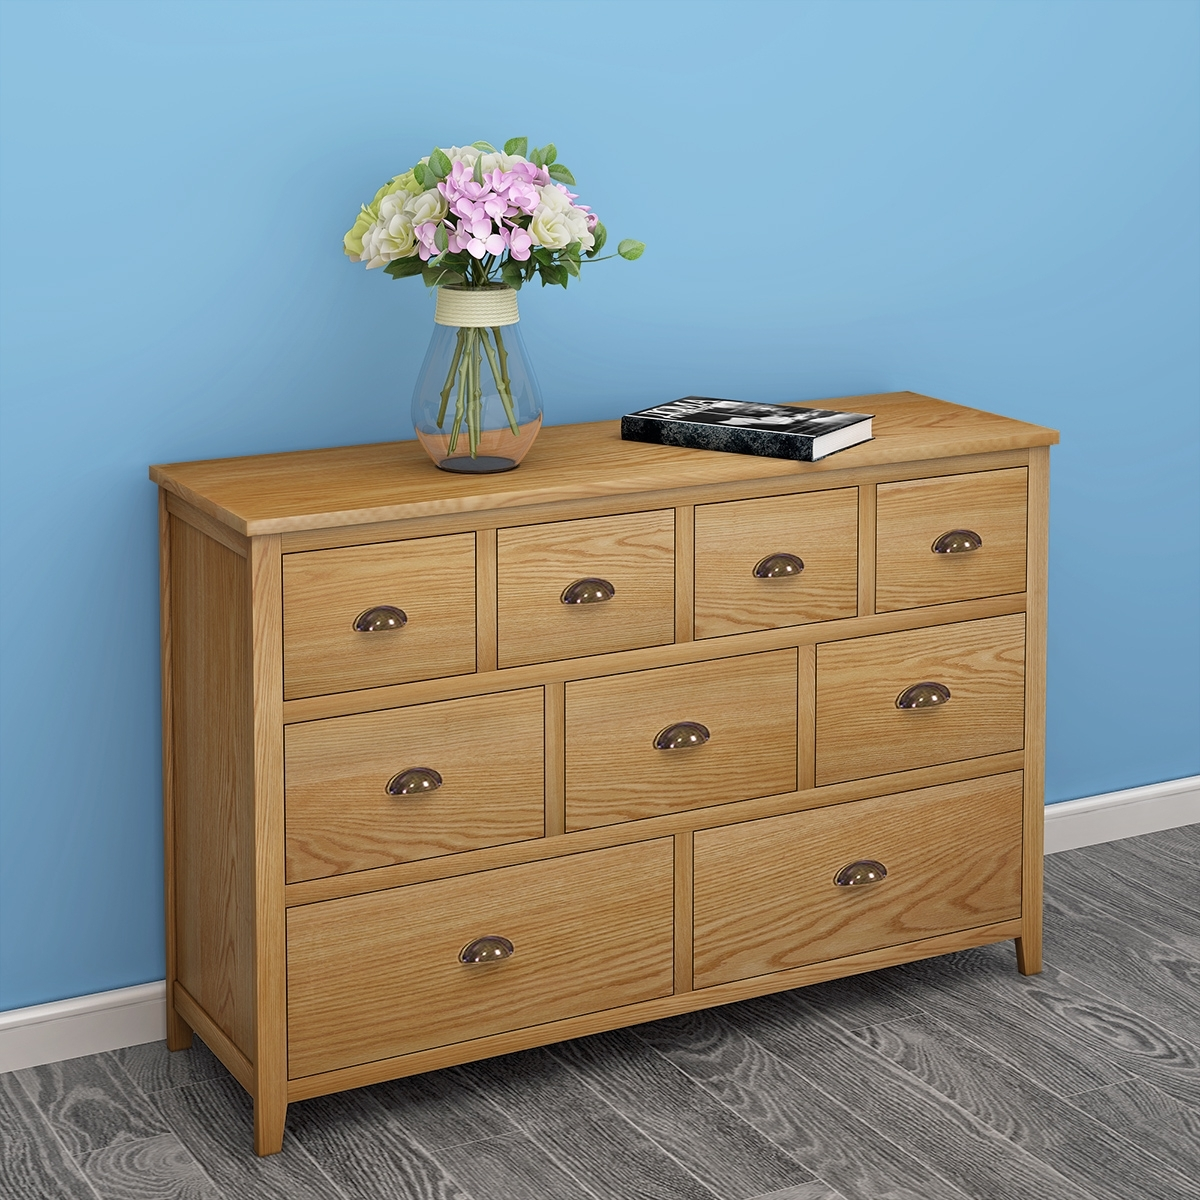 Robust Oak Sideboard Furniture Drawers 9 Drawer Chest Light Oak inside Burnt Oak Wood Sideboards (Image 23 of 30)